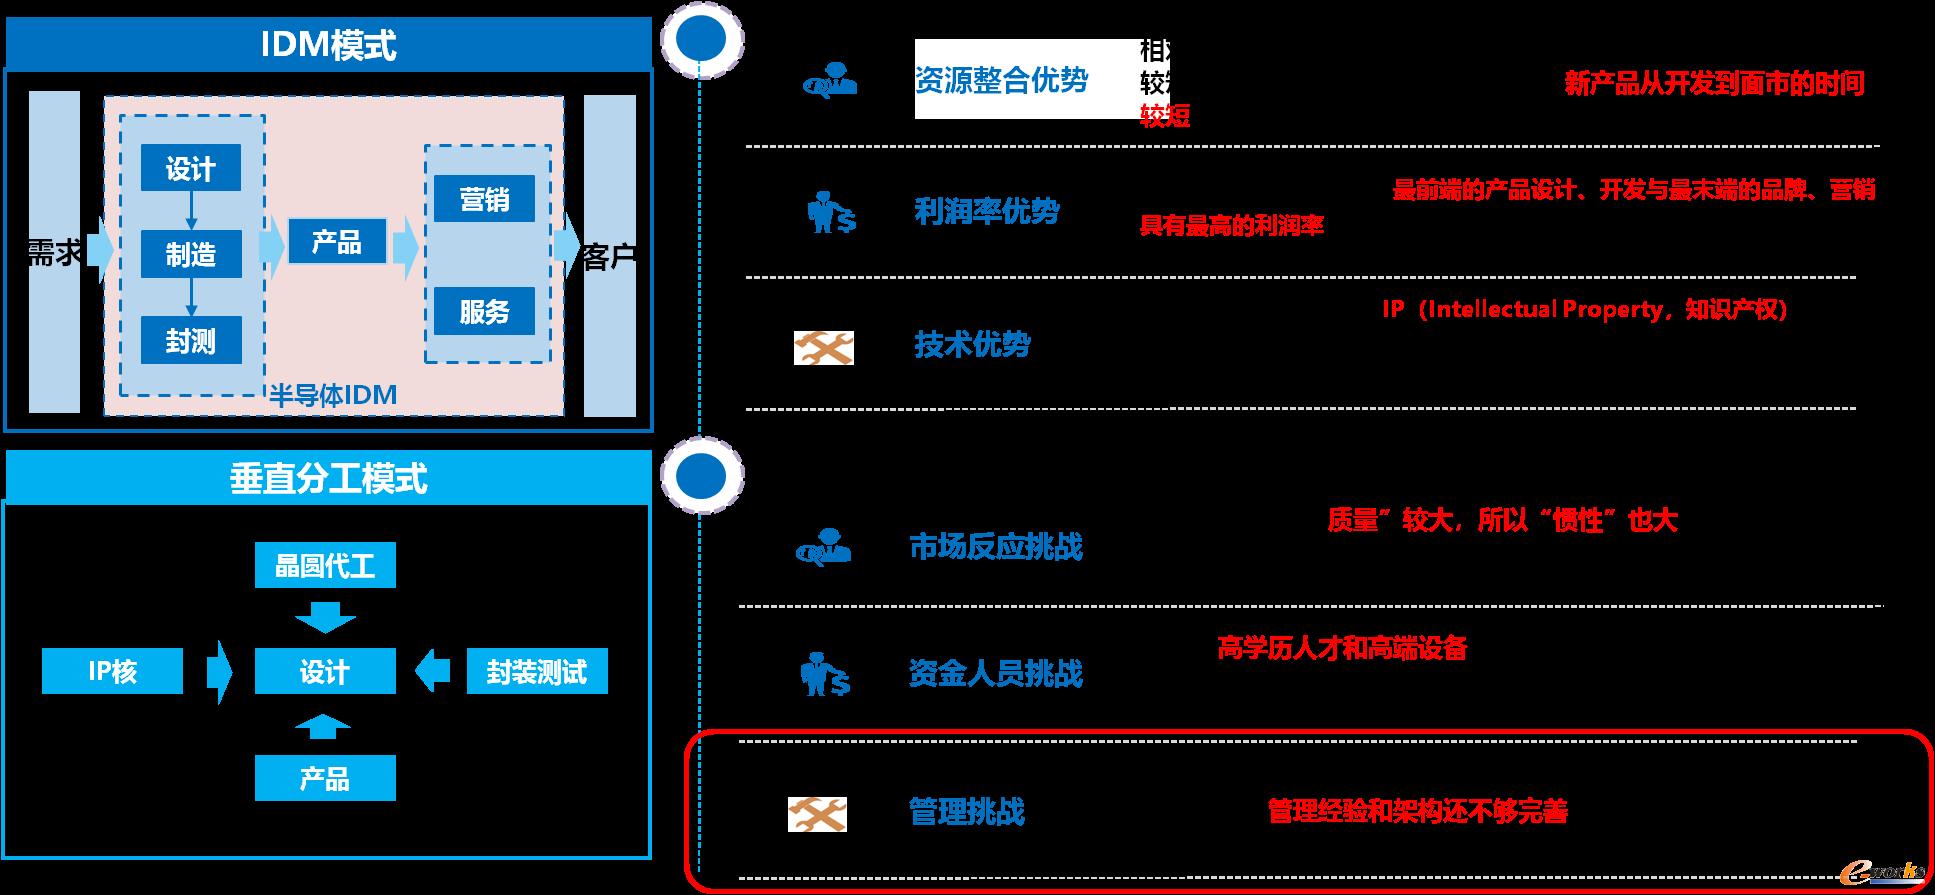 图3 IDM行业的优势与挑战